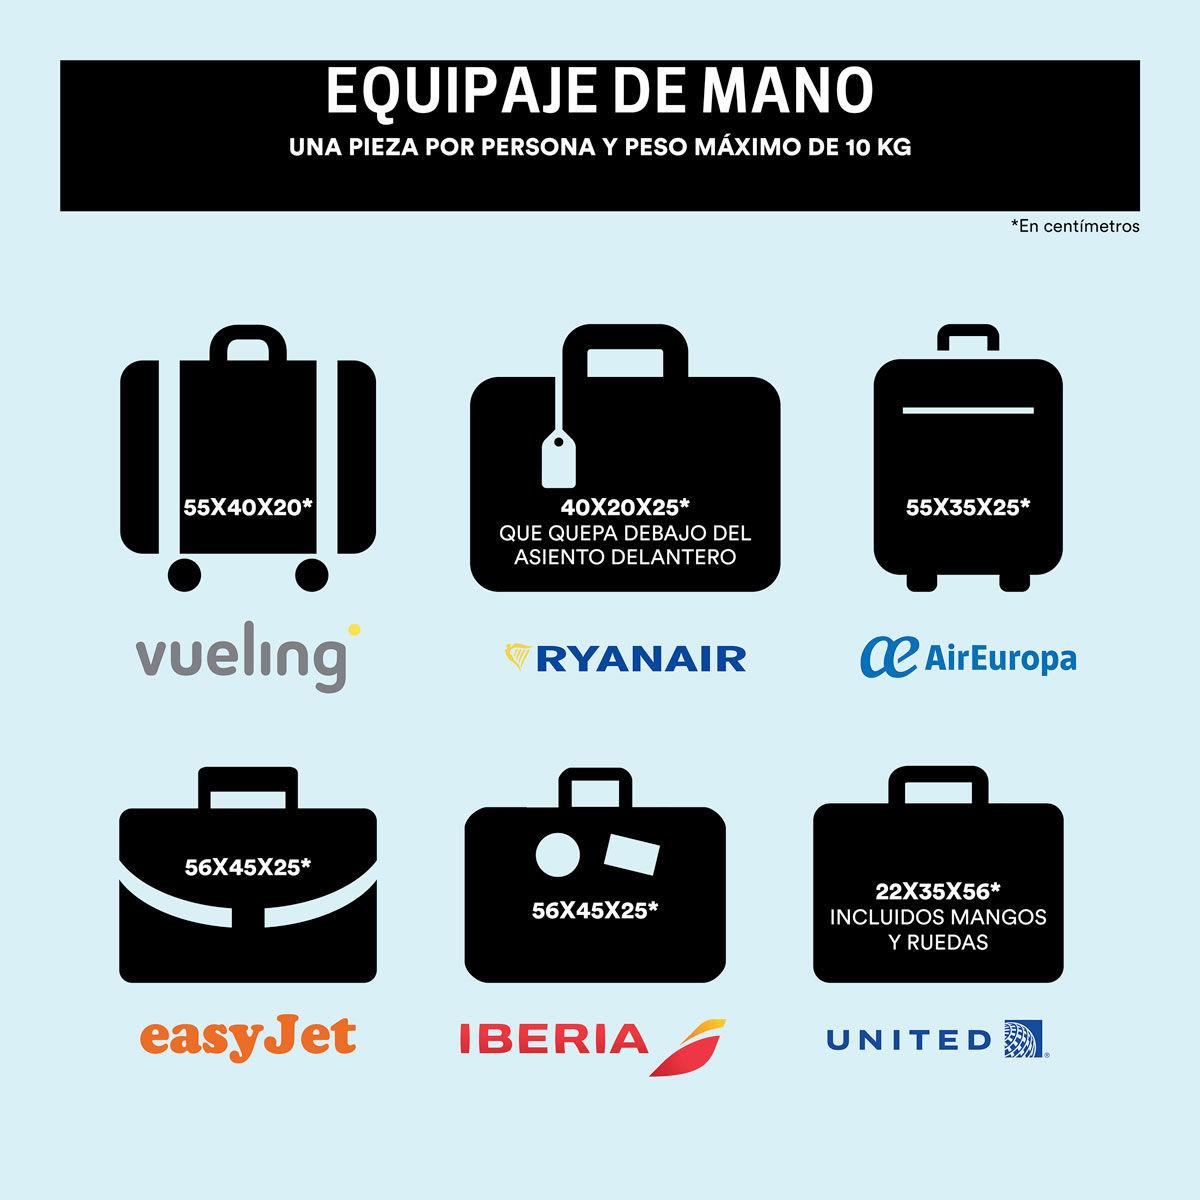 Equipaje de mano: qué se puede llevar en un avión y qué no | Consumer